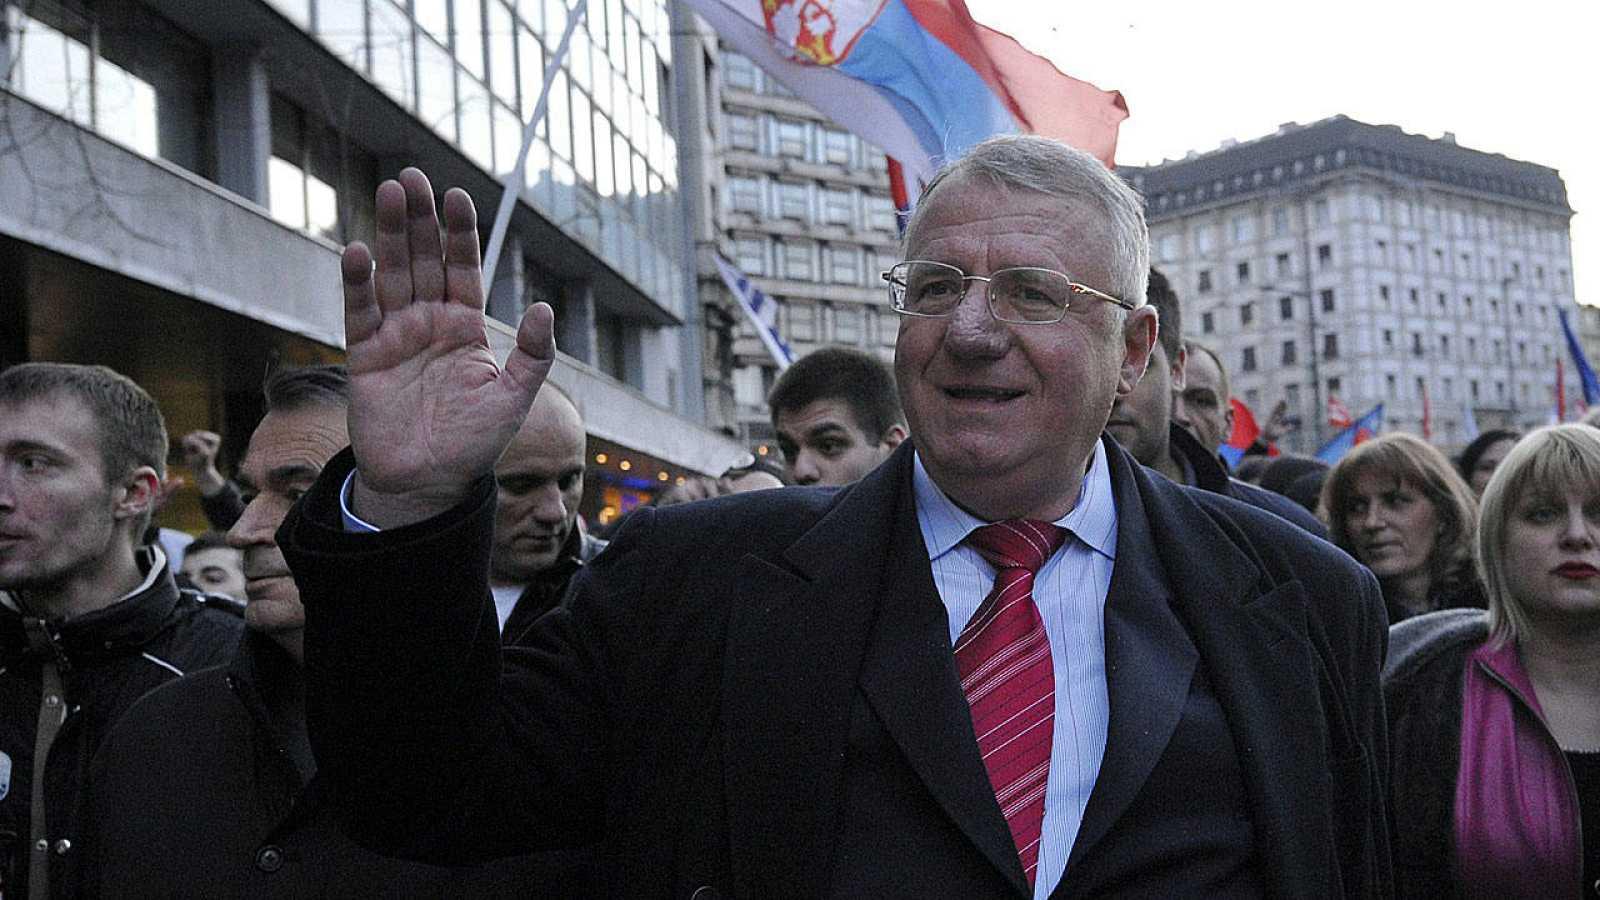 El ultranacionalista serbio Vojislav Seselj asiste a una manifestación antigubernamental la pasada semana en Belgrado.